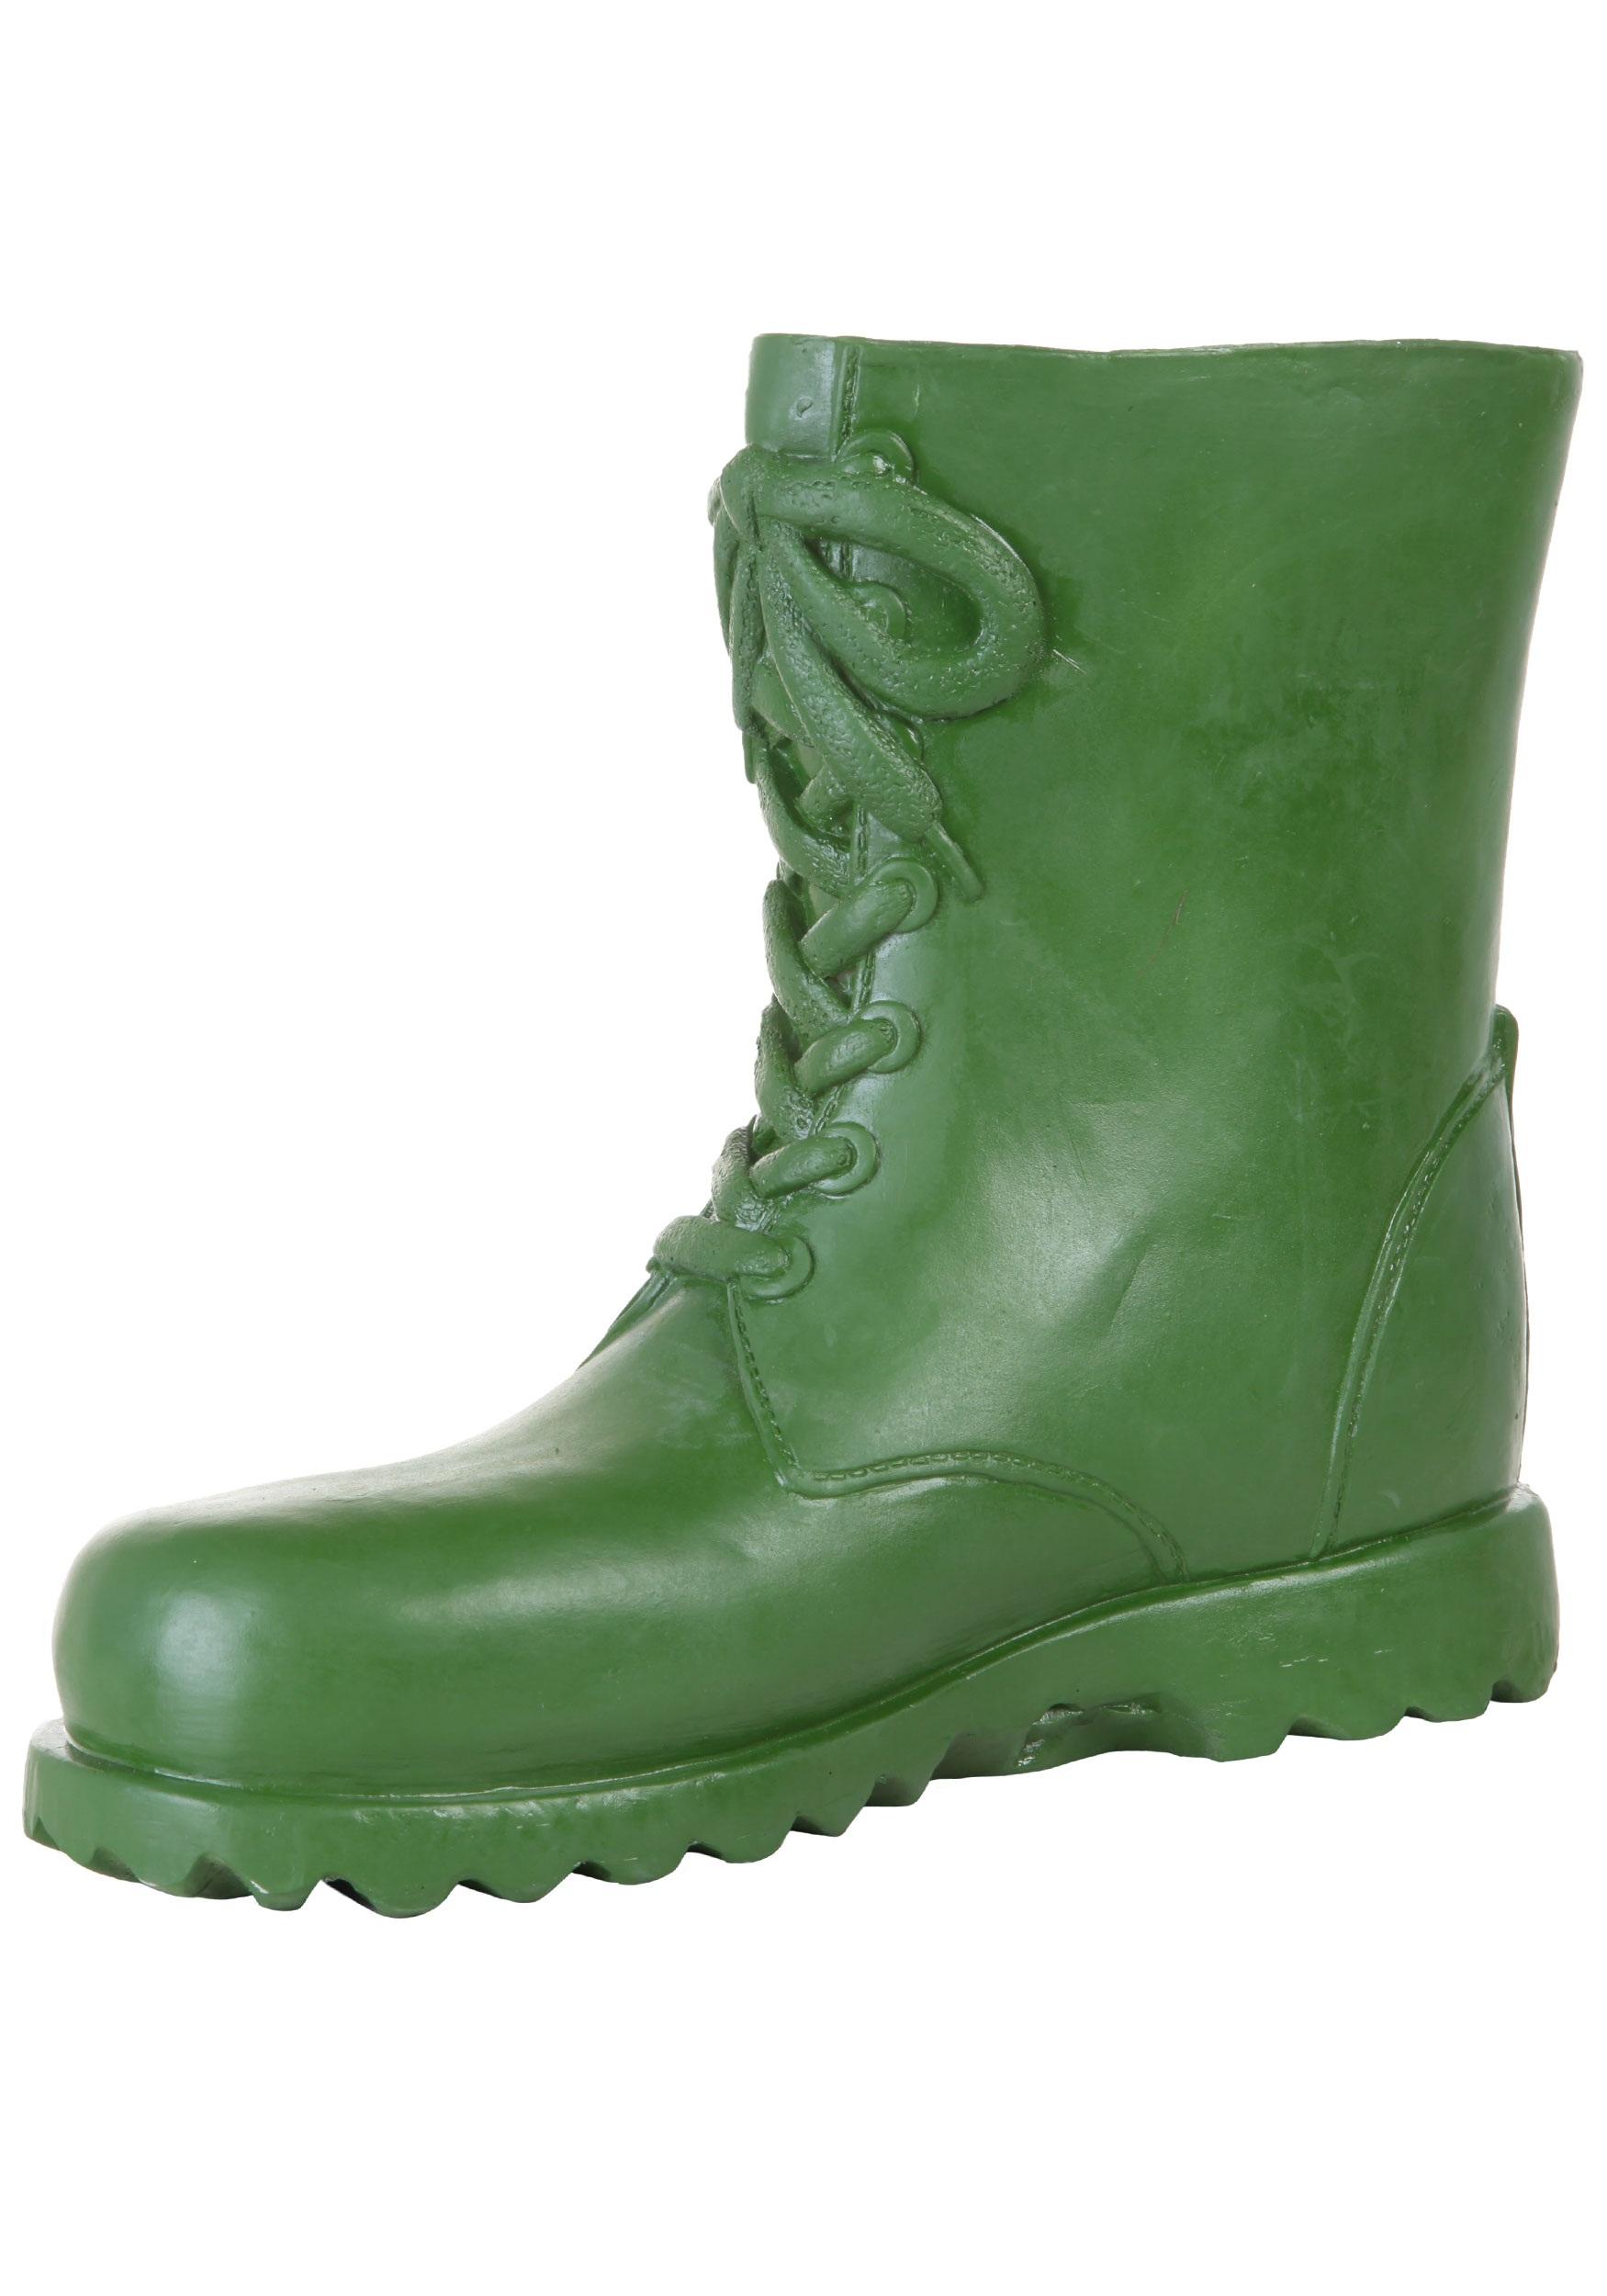 3f8937b50c9 Adult Green Latex Boot Covers